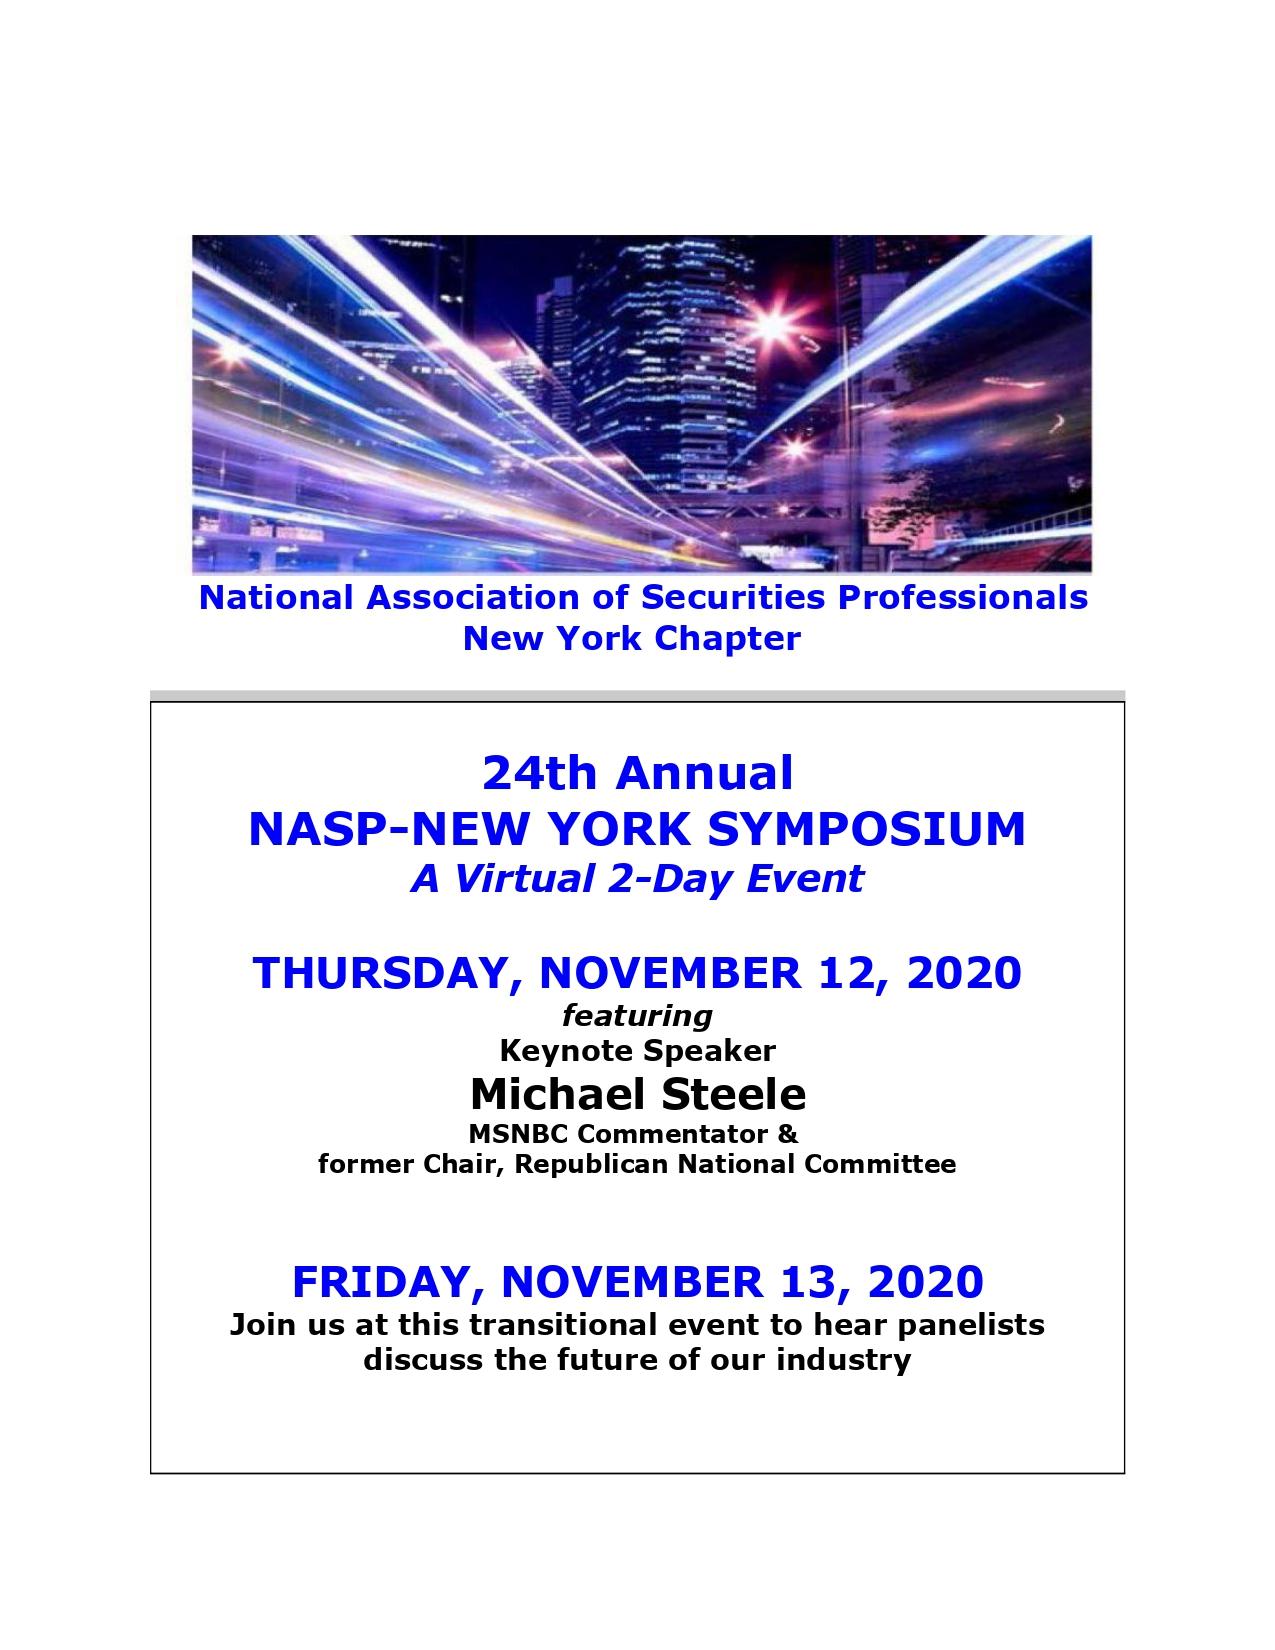 NASP NY Chapter Symposium